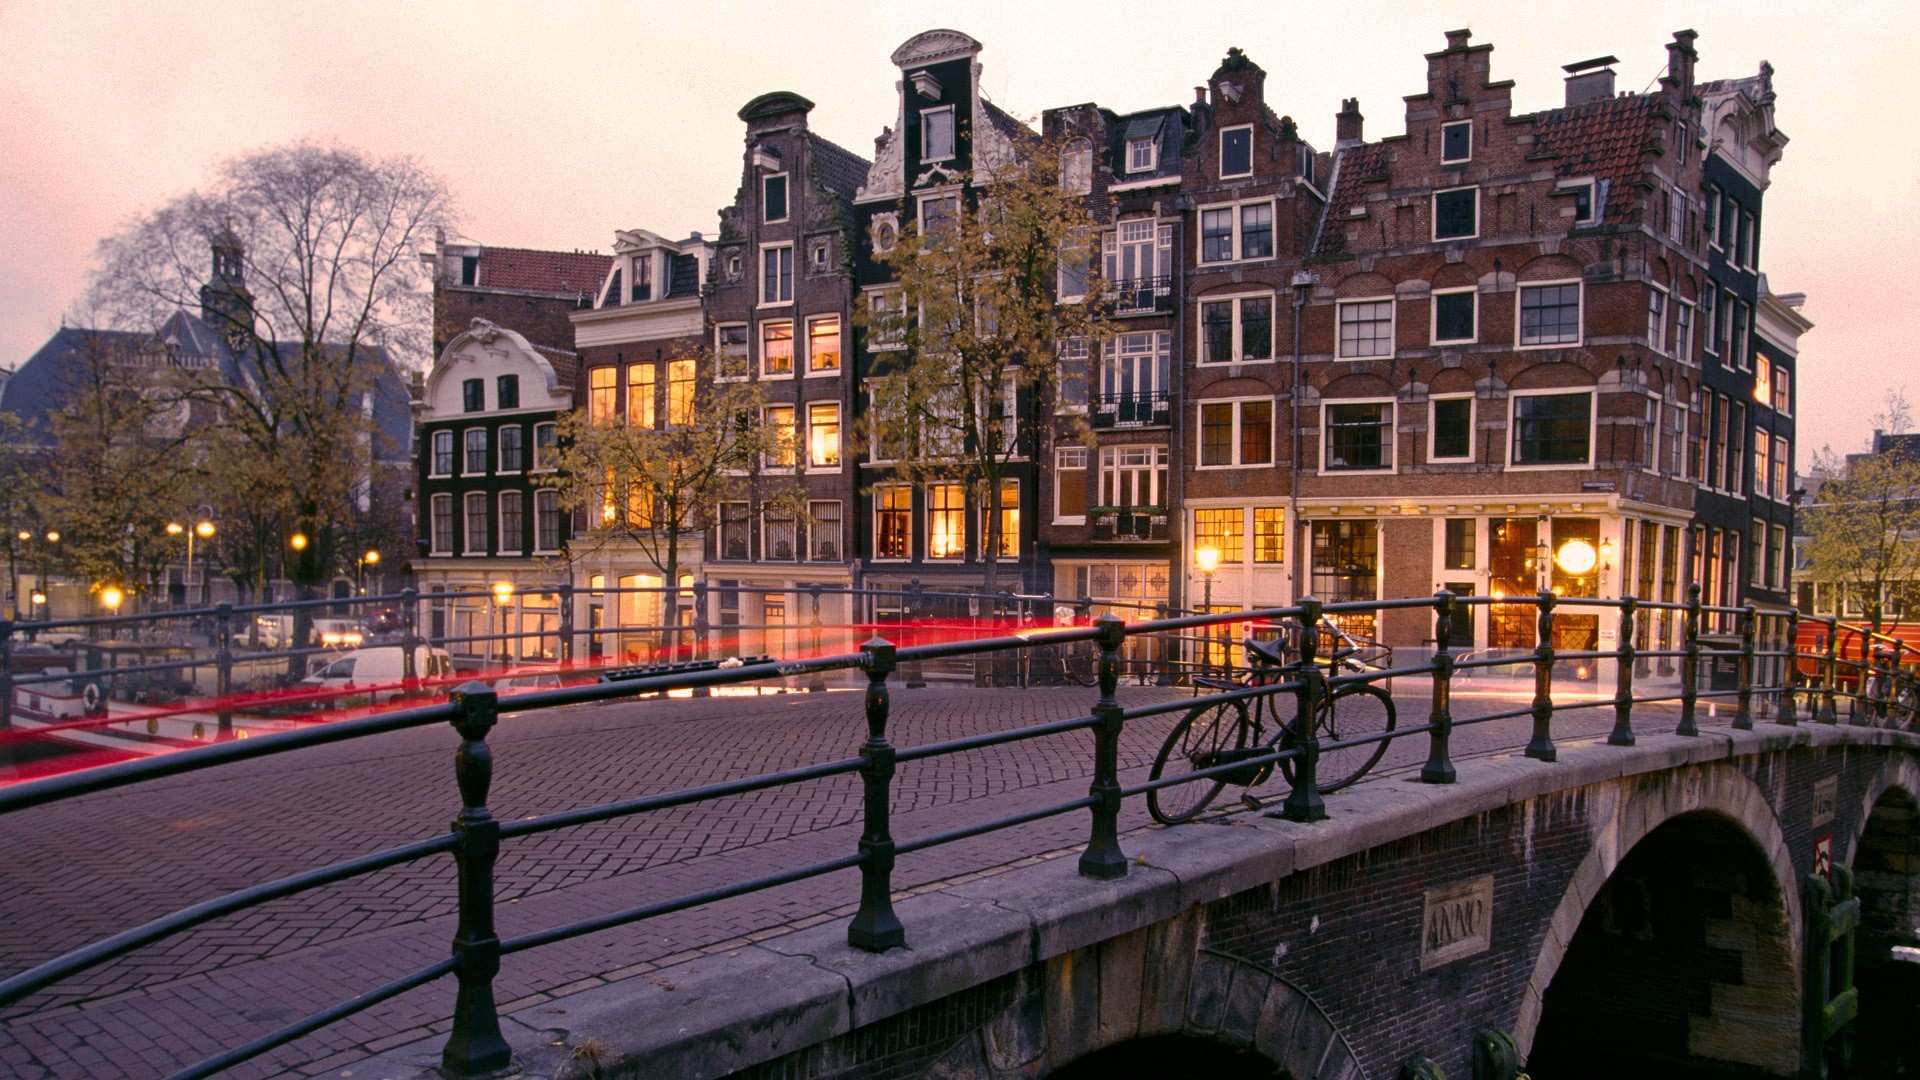 Amsterdam Background image